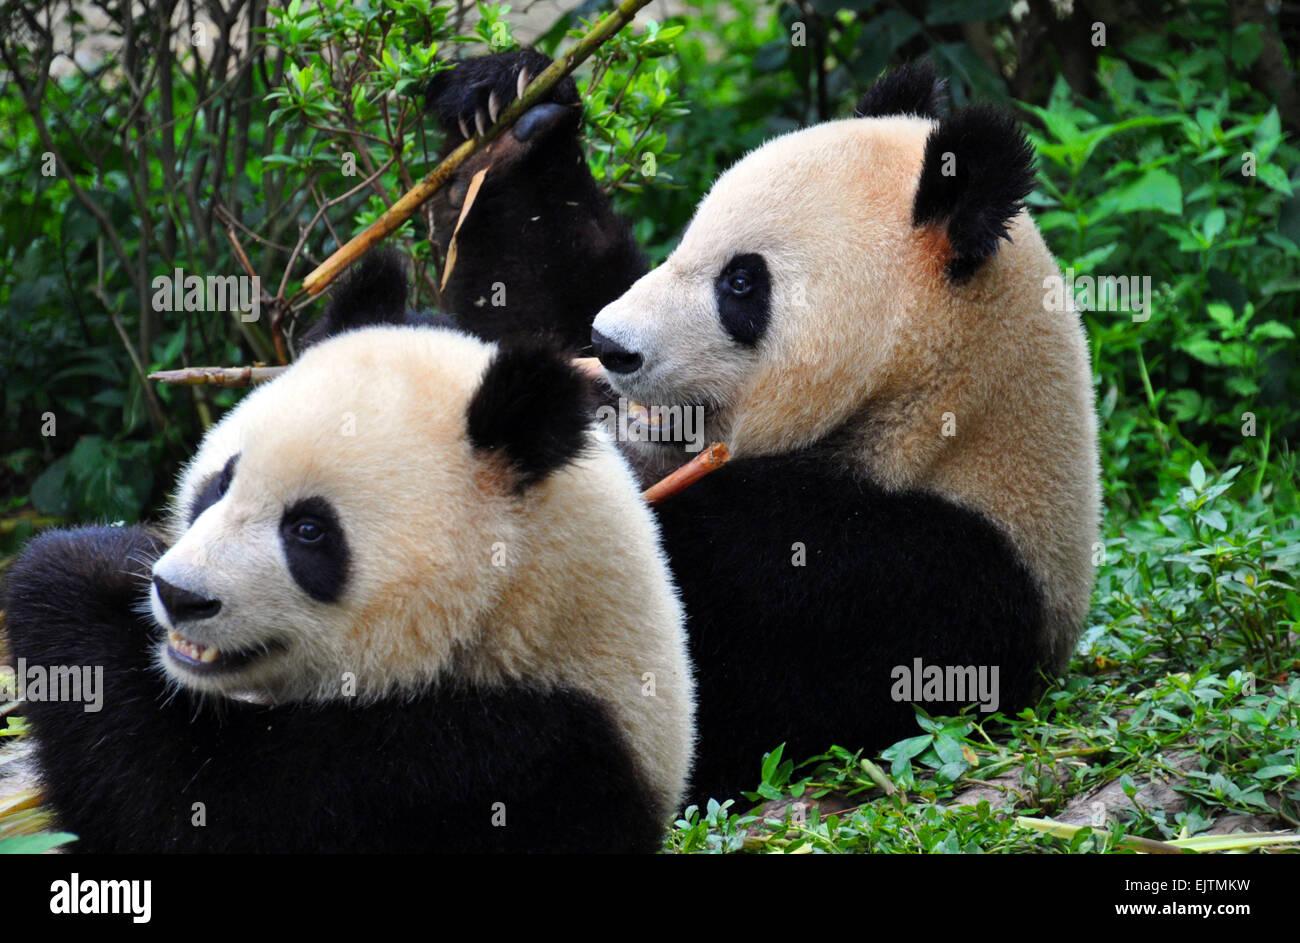 Une paire de pandas géants bénéficiant à l'échelle nationale en bambou Panda réserver Photo Stock